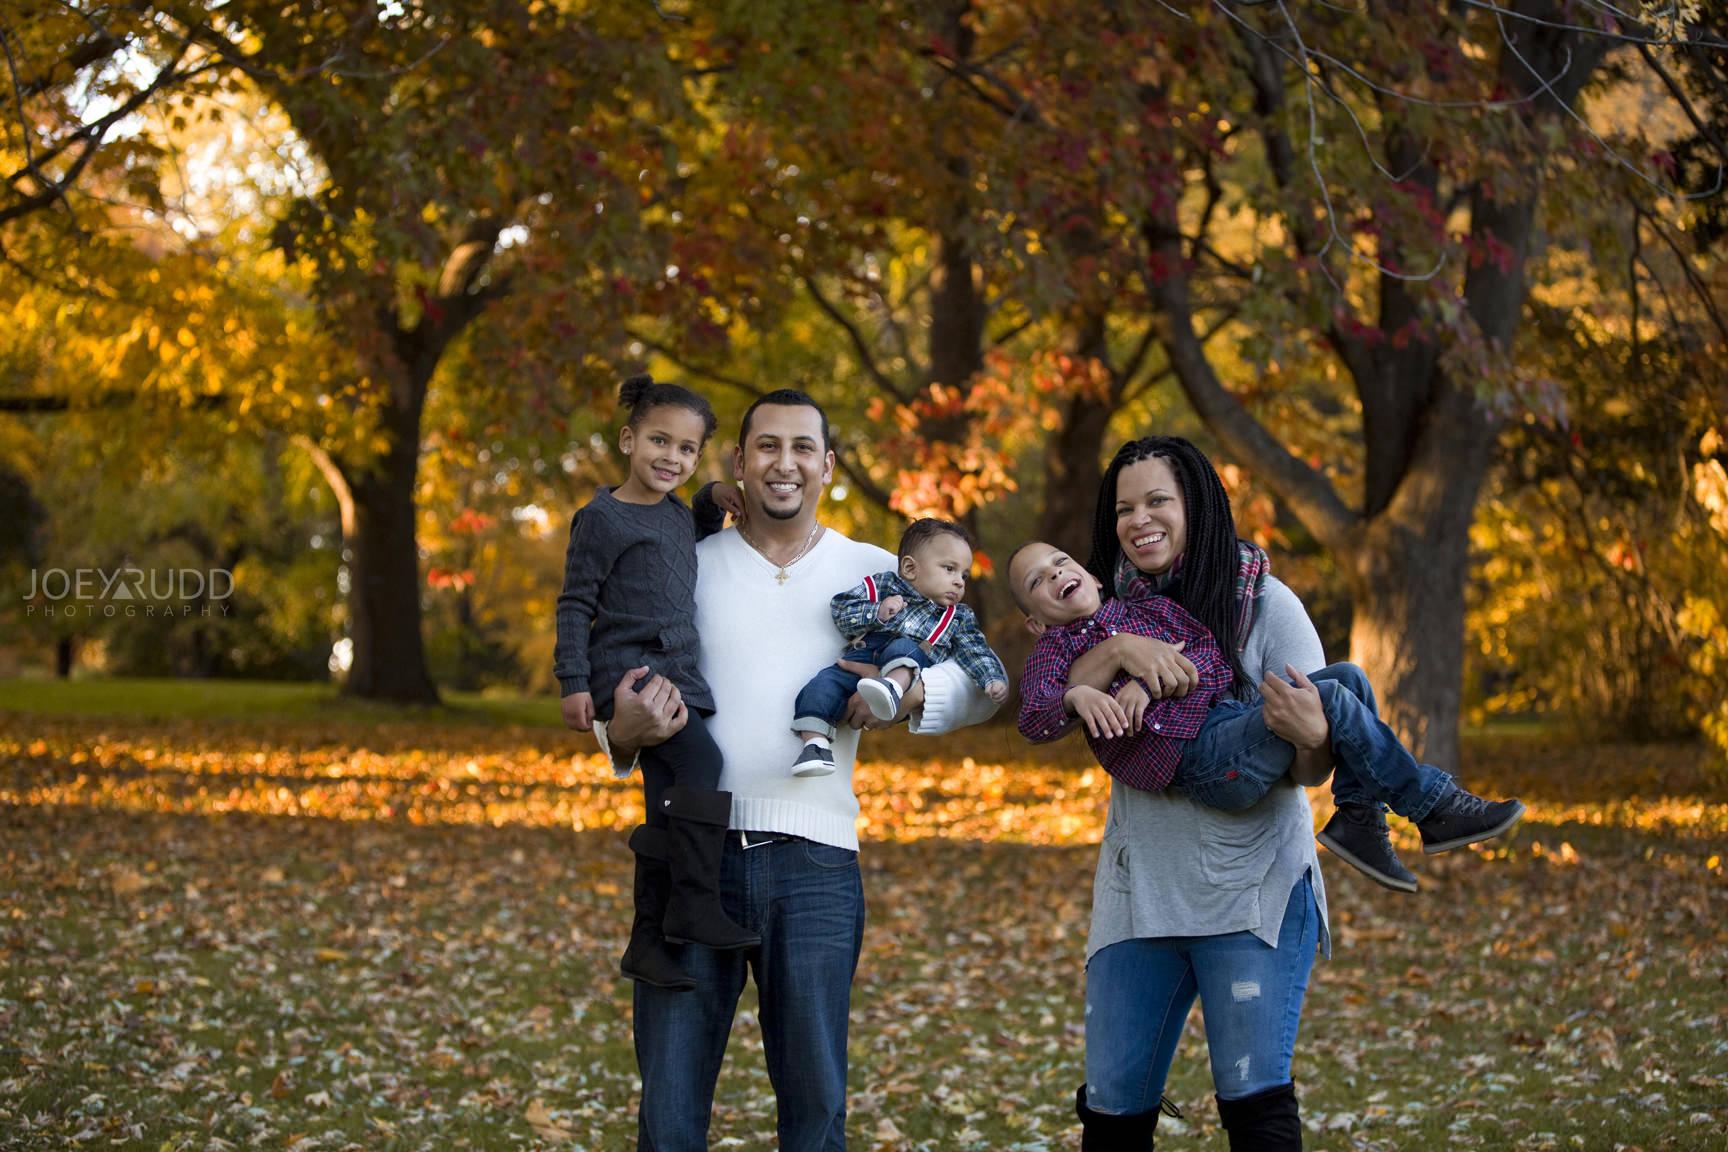 Ottawa Family Photographer Joey Rudd Photography Family Photo Session Arboretum Photojournalism